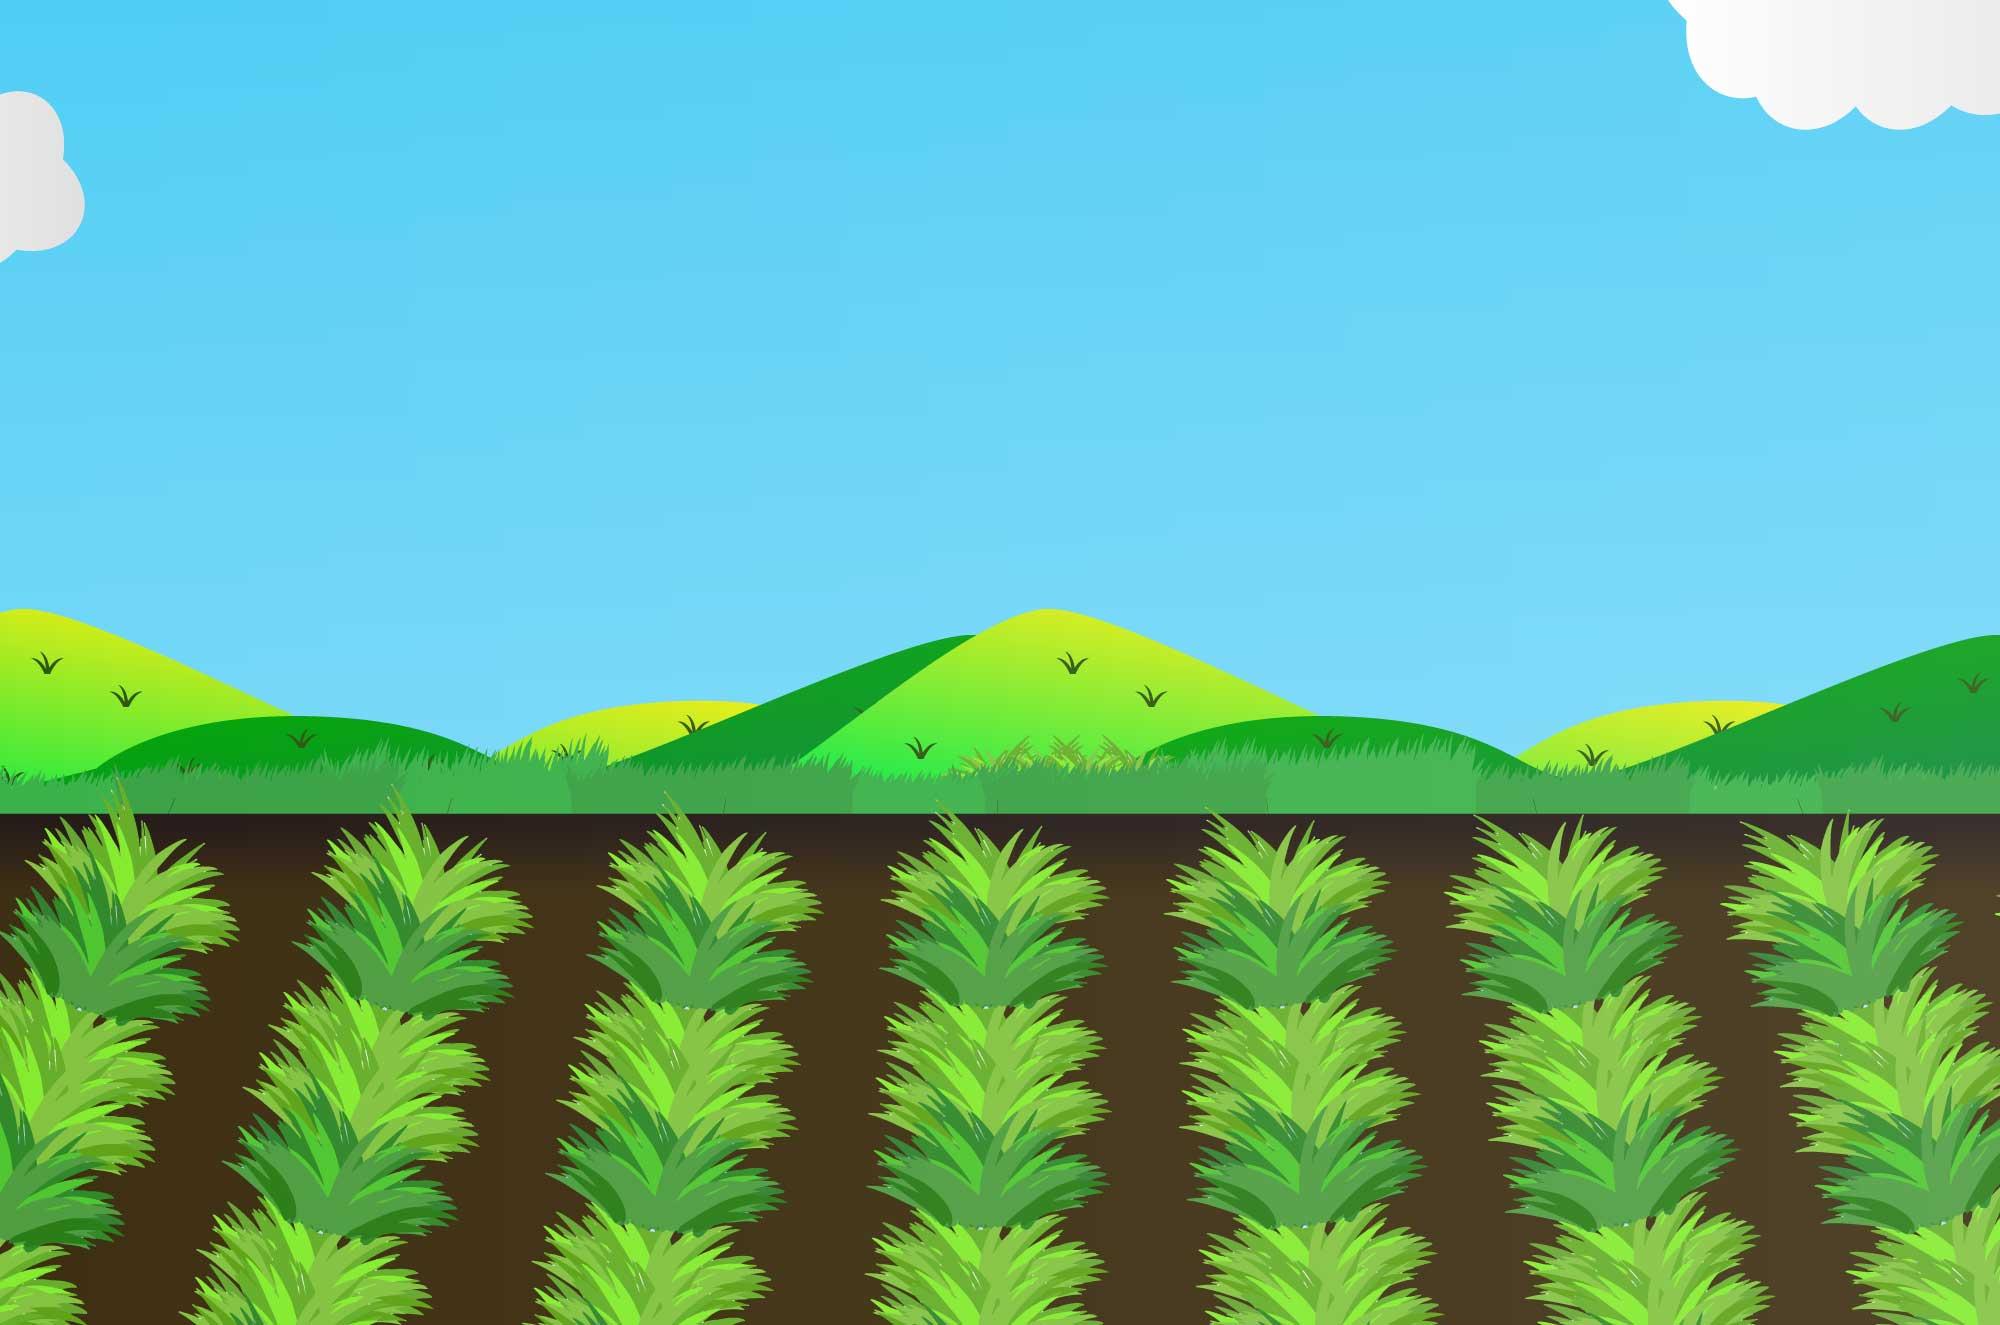 畑のイラスト - 野菜と土と空・自然の背景無料素材